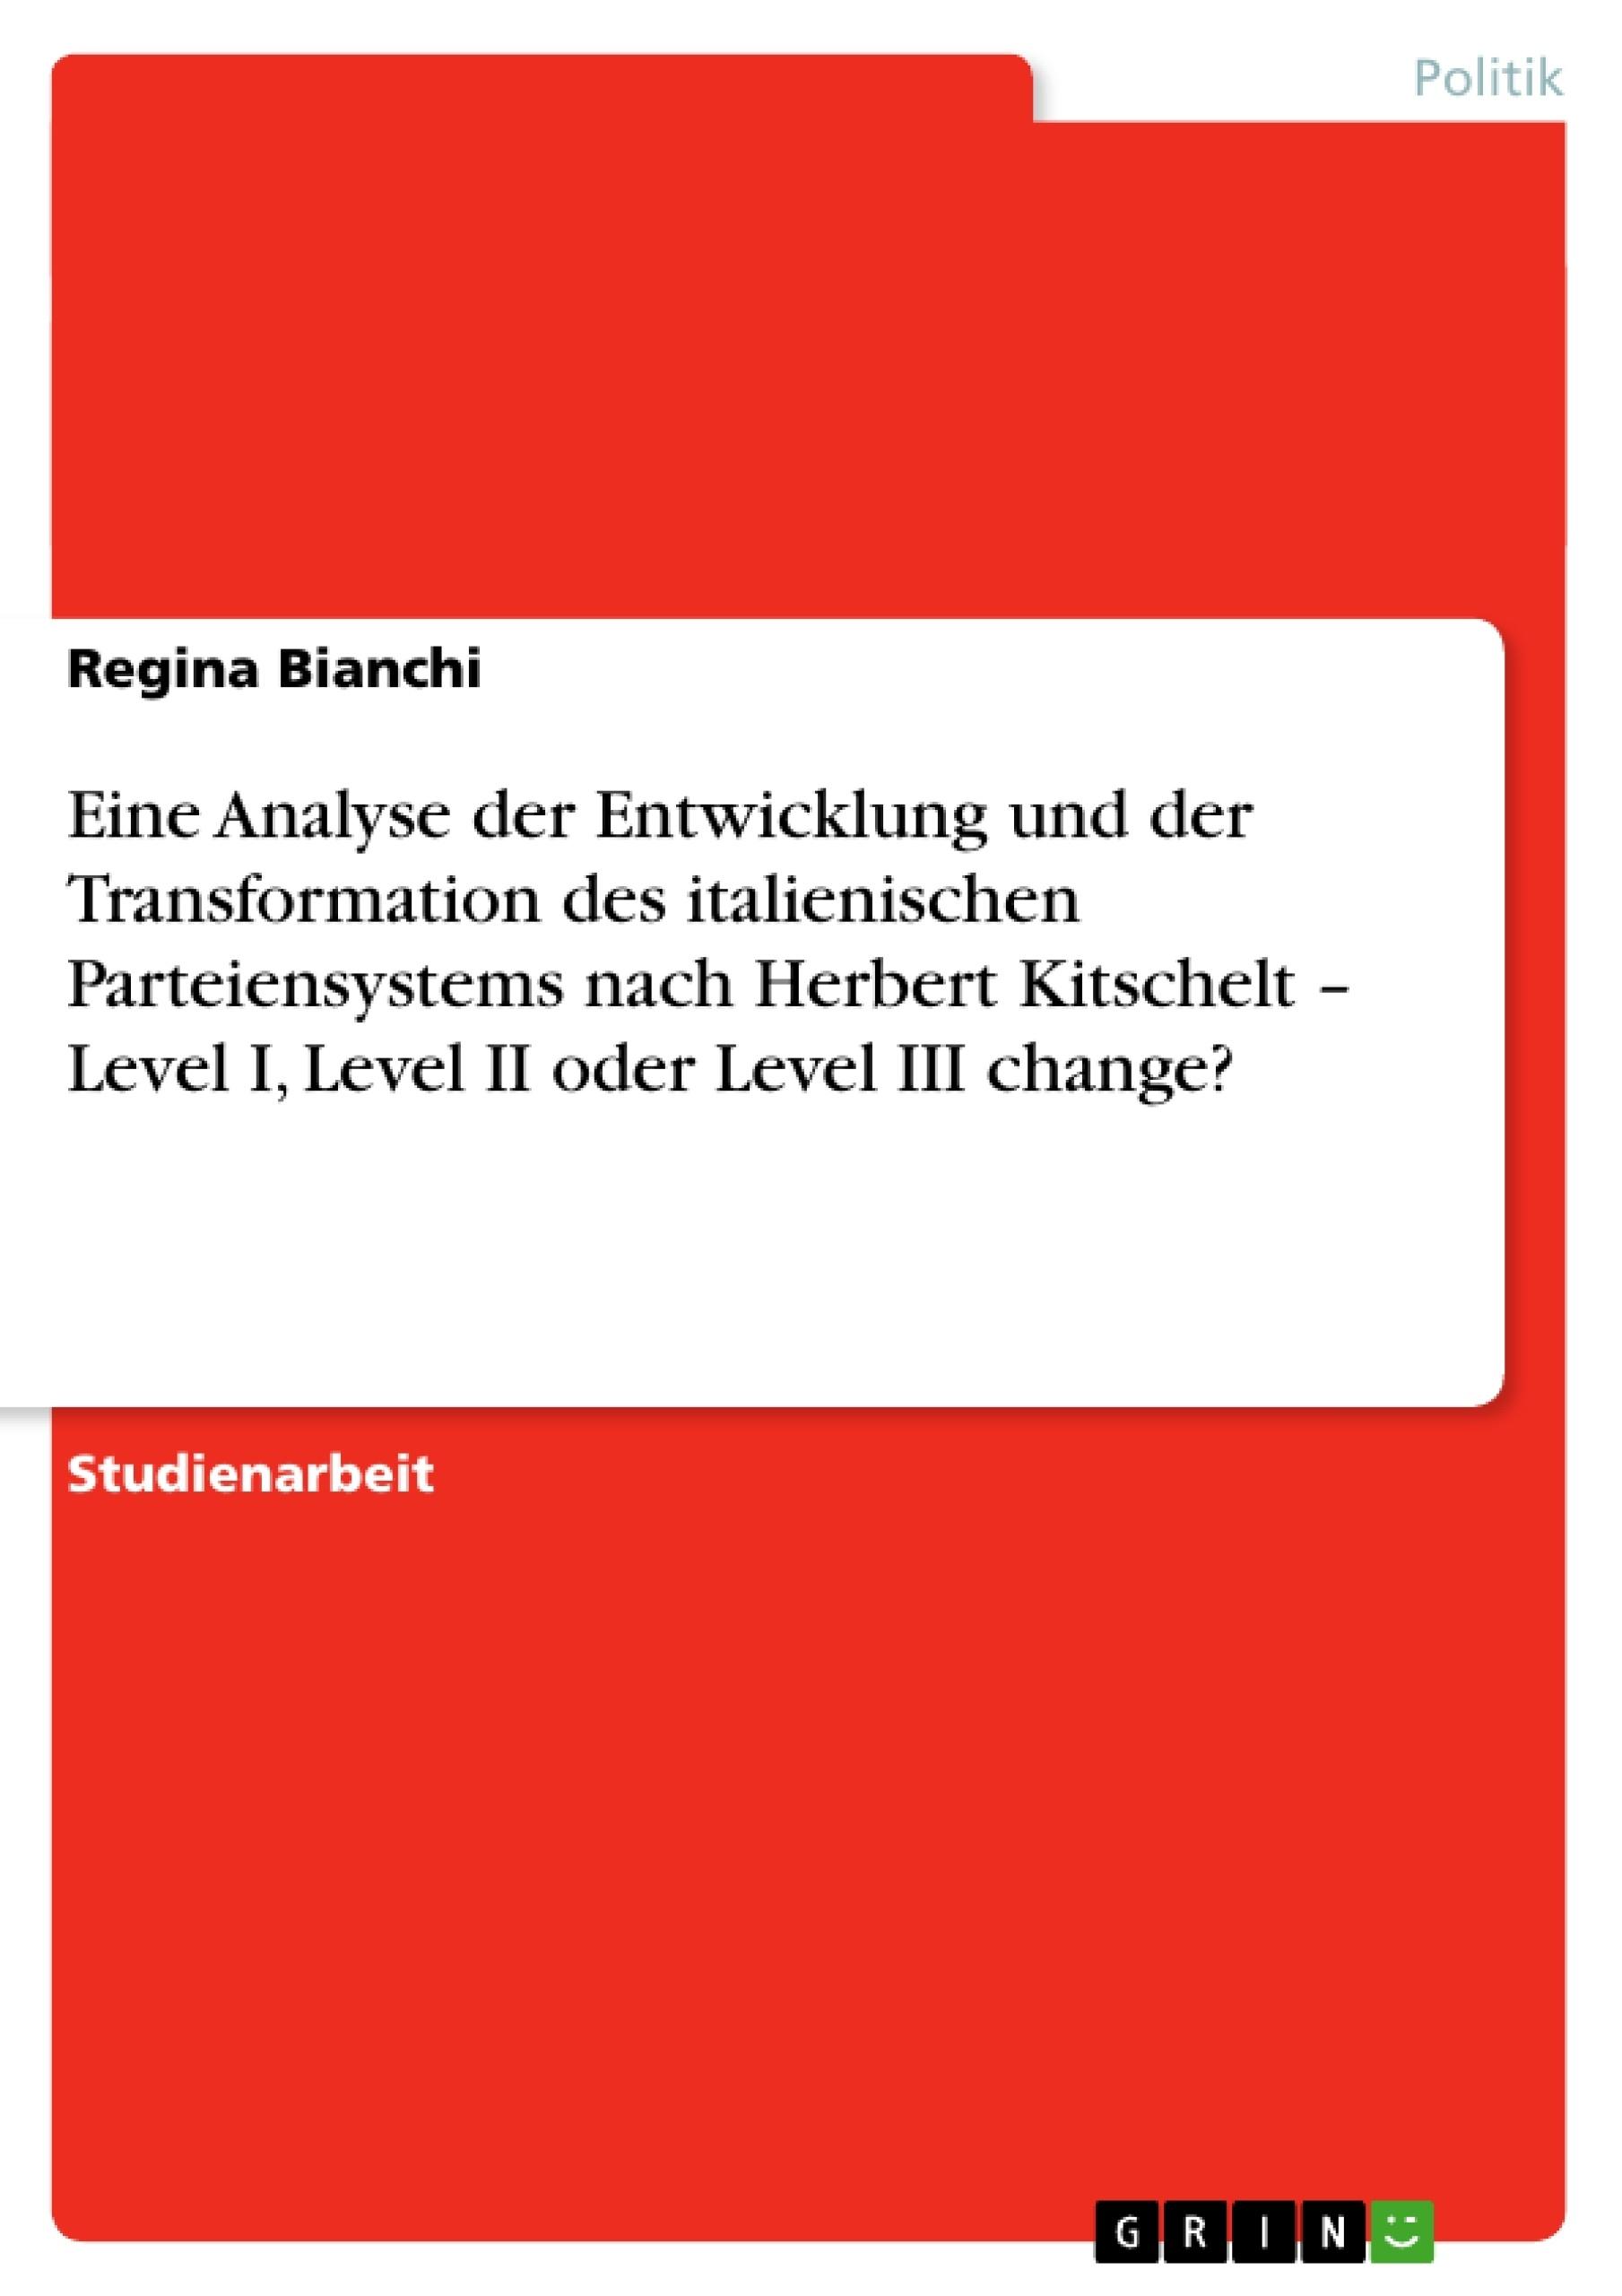 Titel: Eine Analyse der Entwicklung und der Transformation des italienischen Parteiensystems nach Herbert Kitschelt – Level I, Level II oder Level III change?